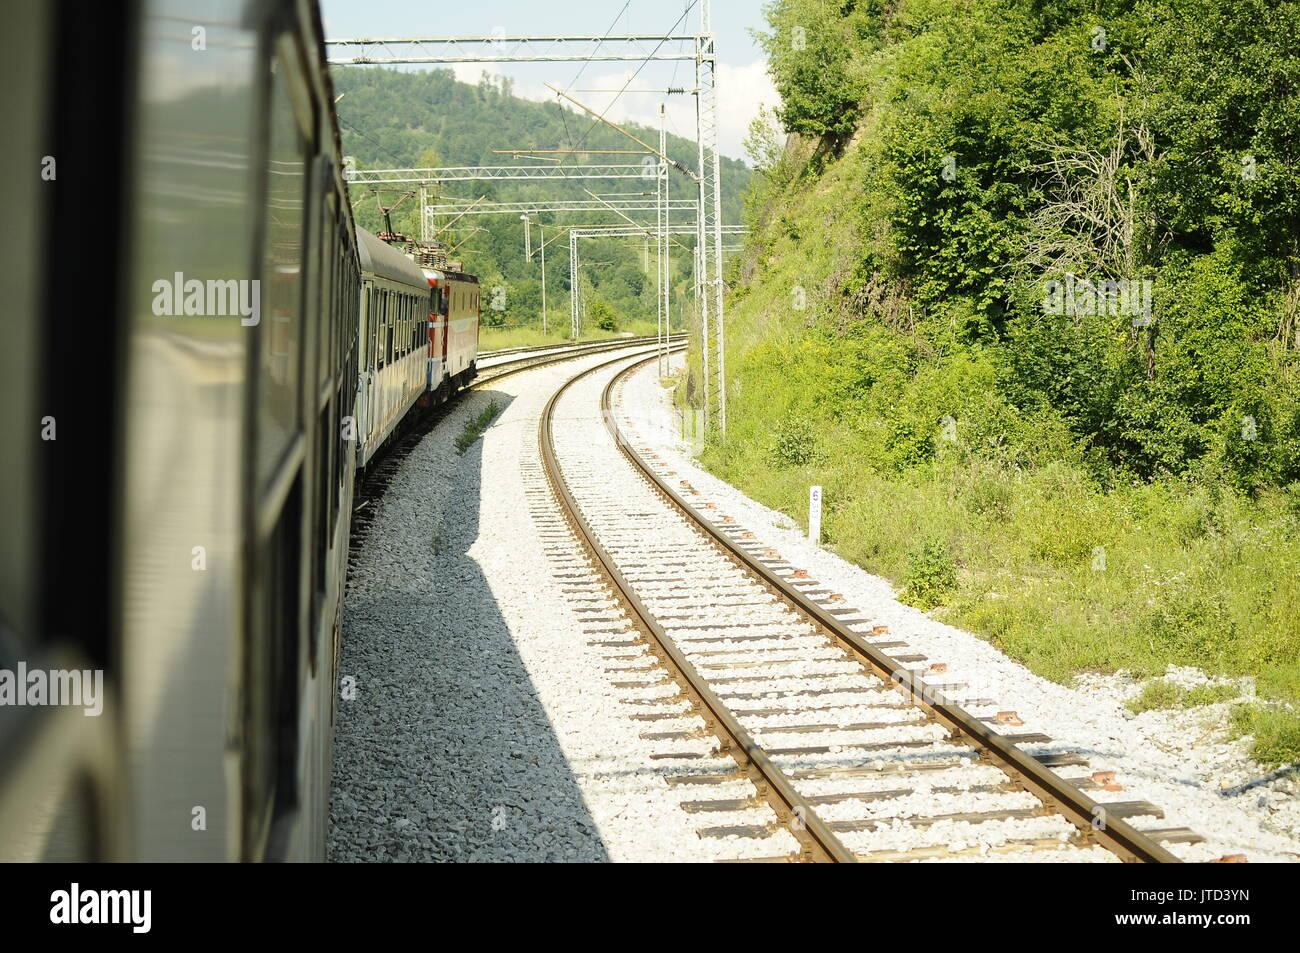 Der öffentliche Verkehr in Serbia-Transport öffentlichen en Serbie Stockbild